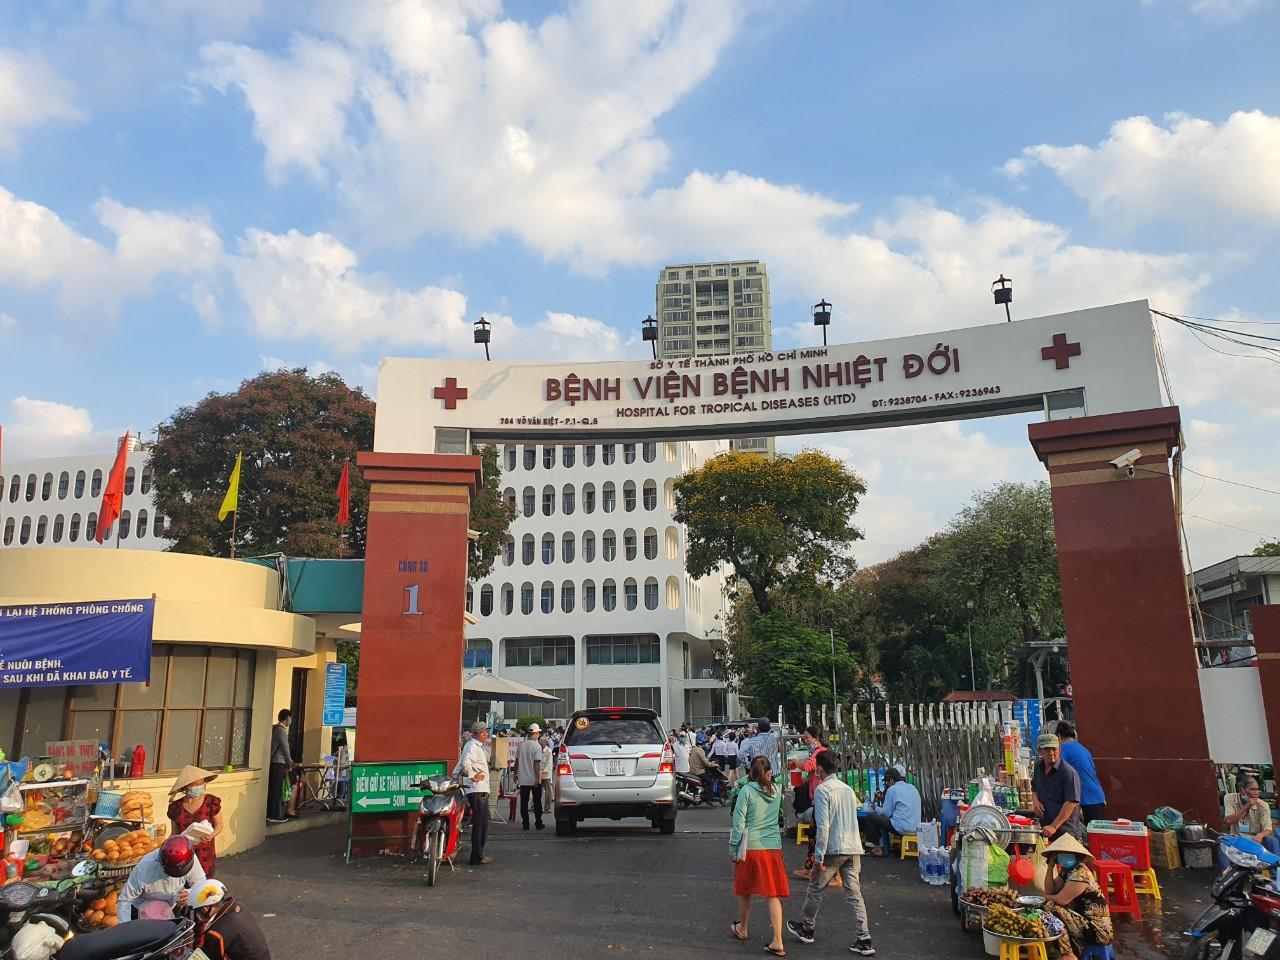 Phát hiện 3 ca nghi nhiễm là nhân viên Bệnh viện Bệnh nhiệt đới TP HCM  - Ảnh 1.